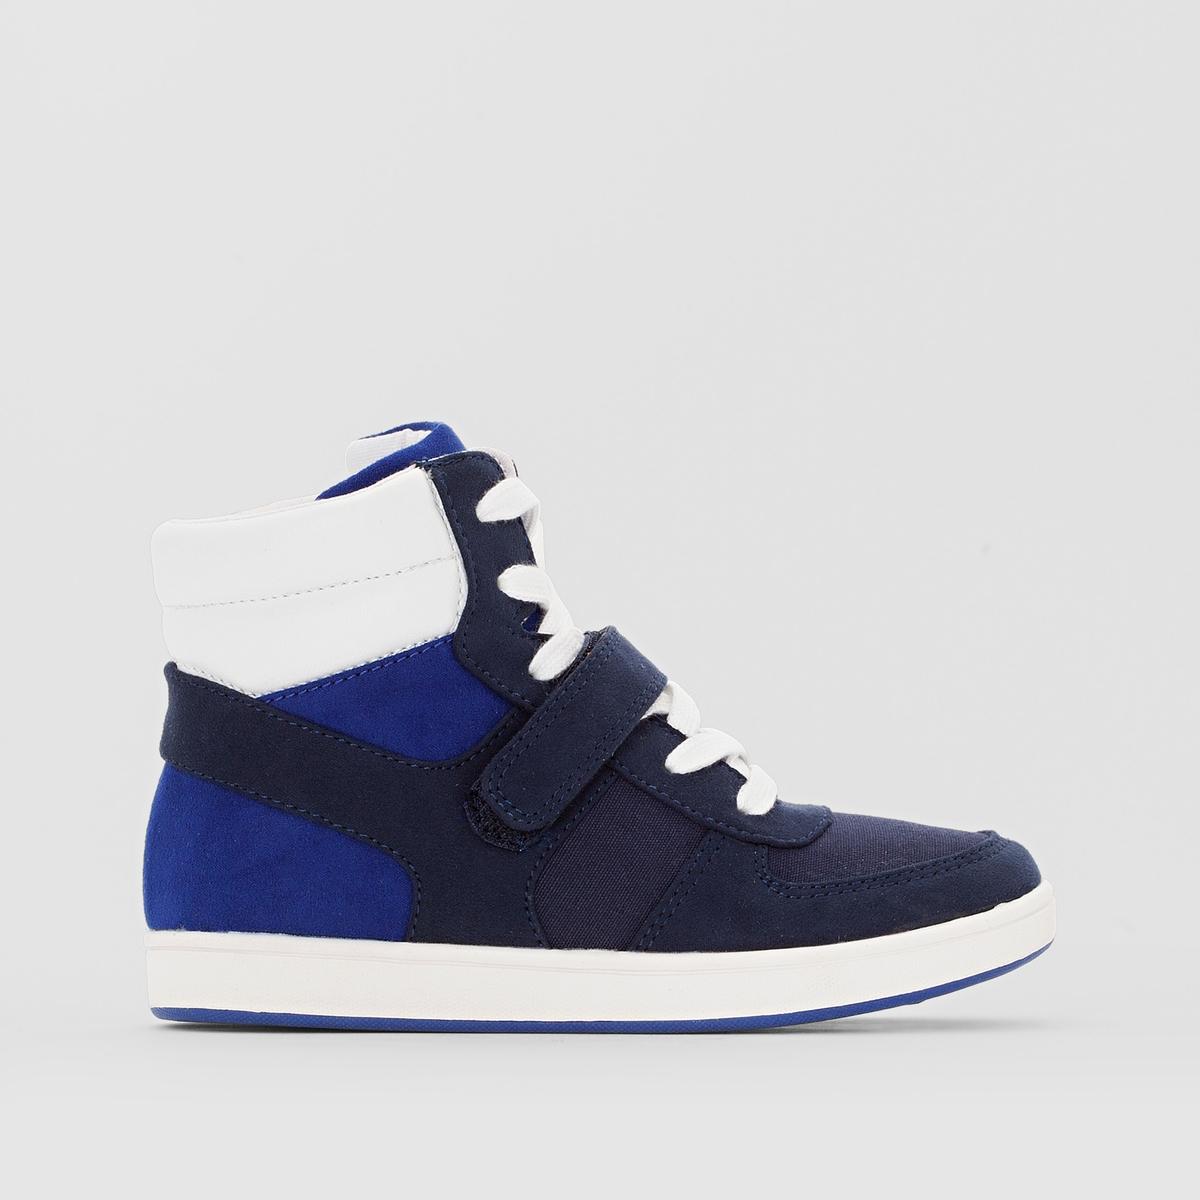 Кеды синтетическиеДетали  •  Кеды высокие •  Спортивный стиль •  Плоский каблук •  Застежка : шнуровкаСостав и уход  •  Верх 100% синтетический материал •  Подкладка 100% хлопок<br><br>Цвет: синий<br>Размер: 27.32.34.40.33.26